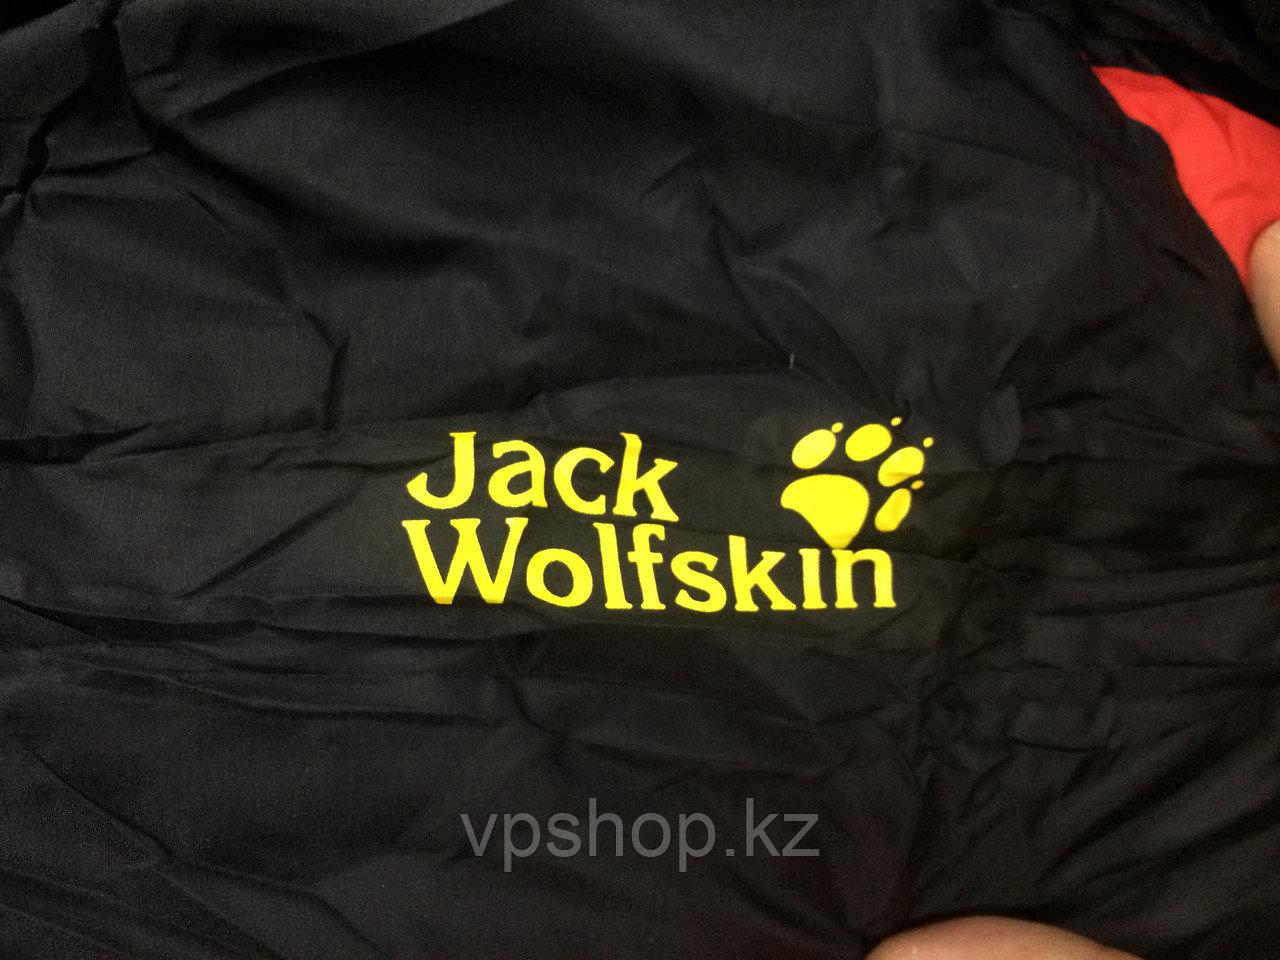 Оригинальный утепленный спальный мешок на пуху до -37 Jack WolfSkin, доставка